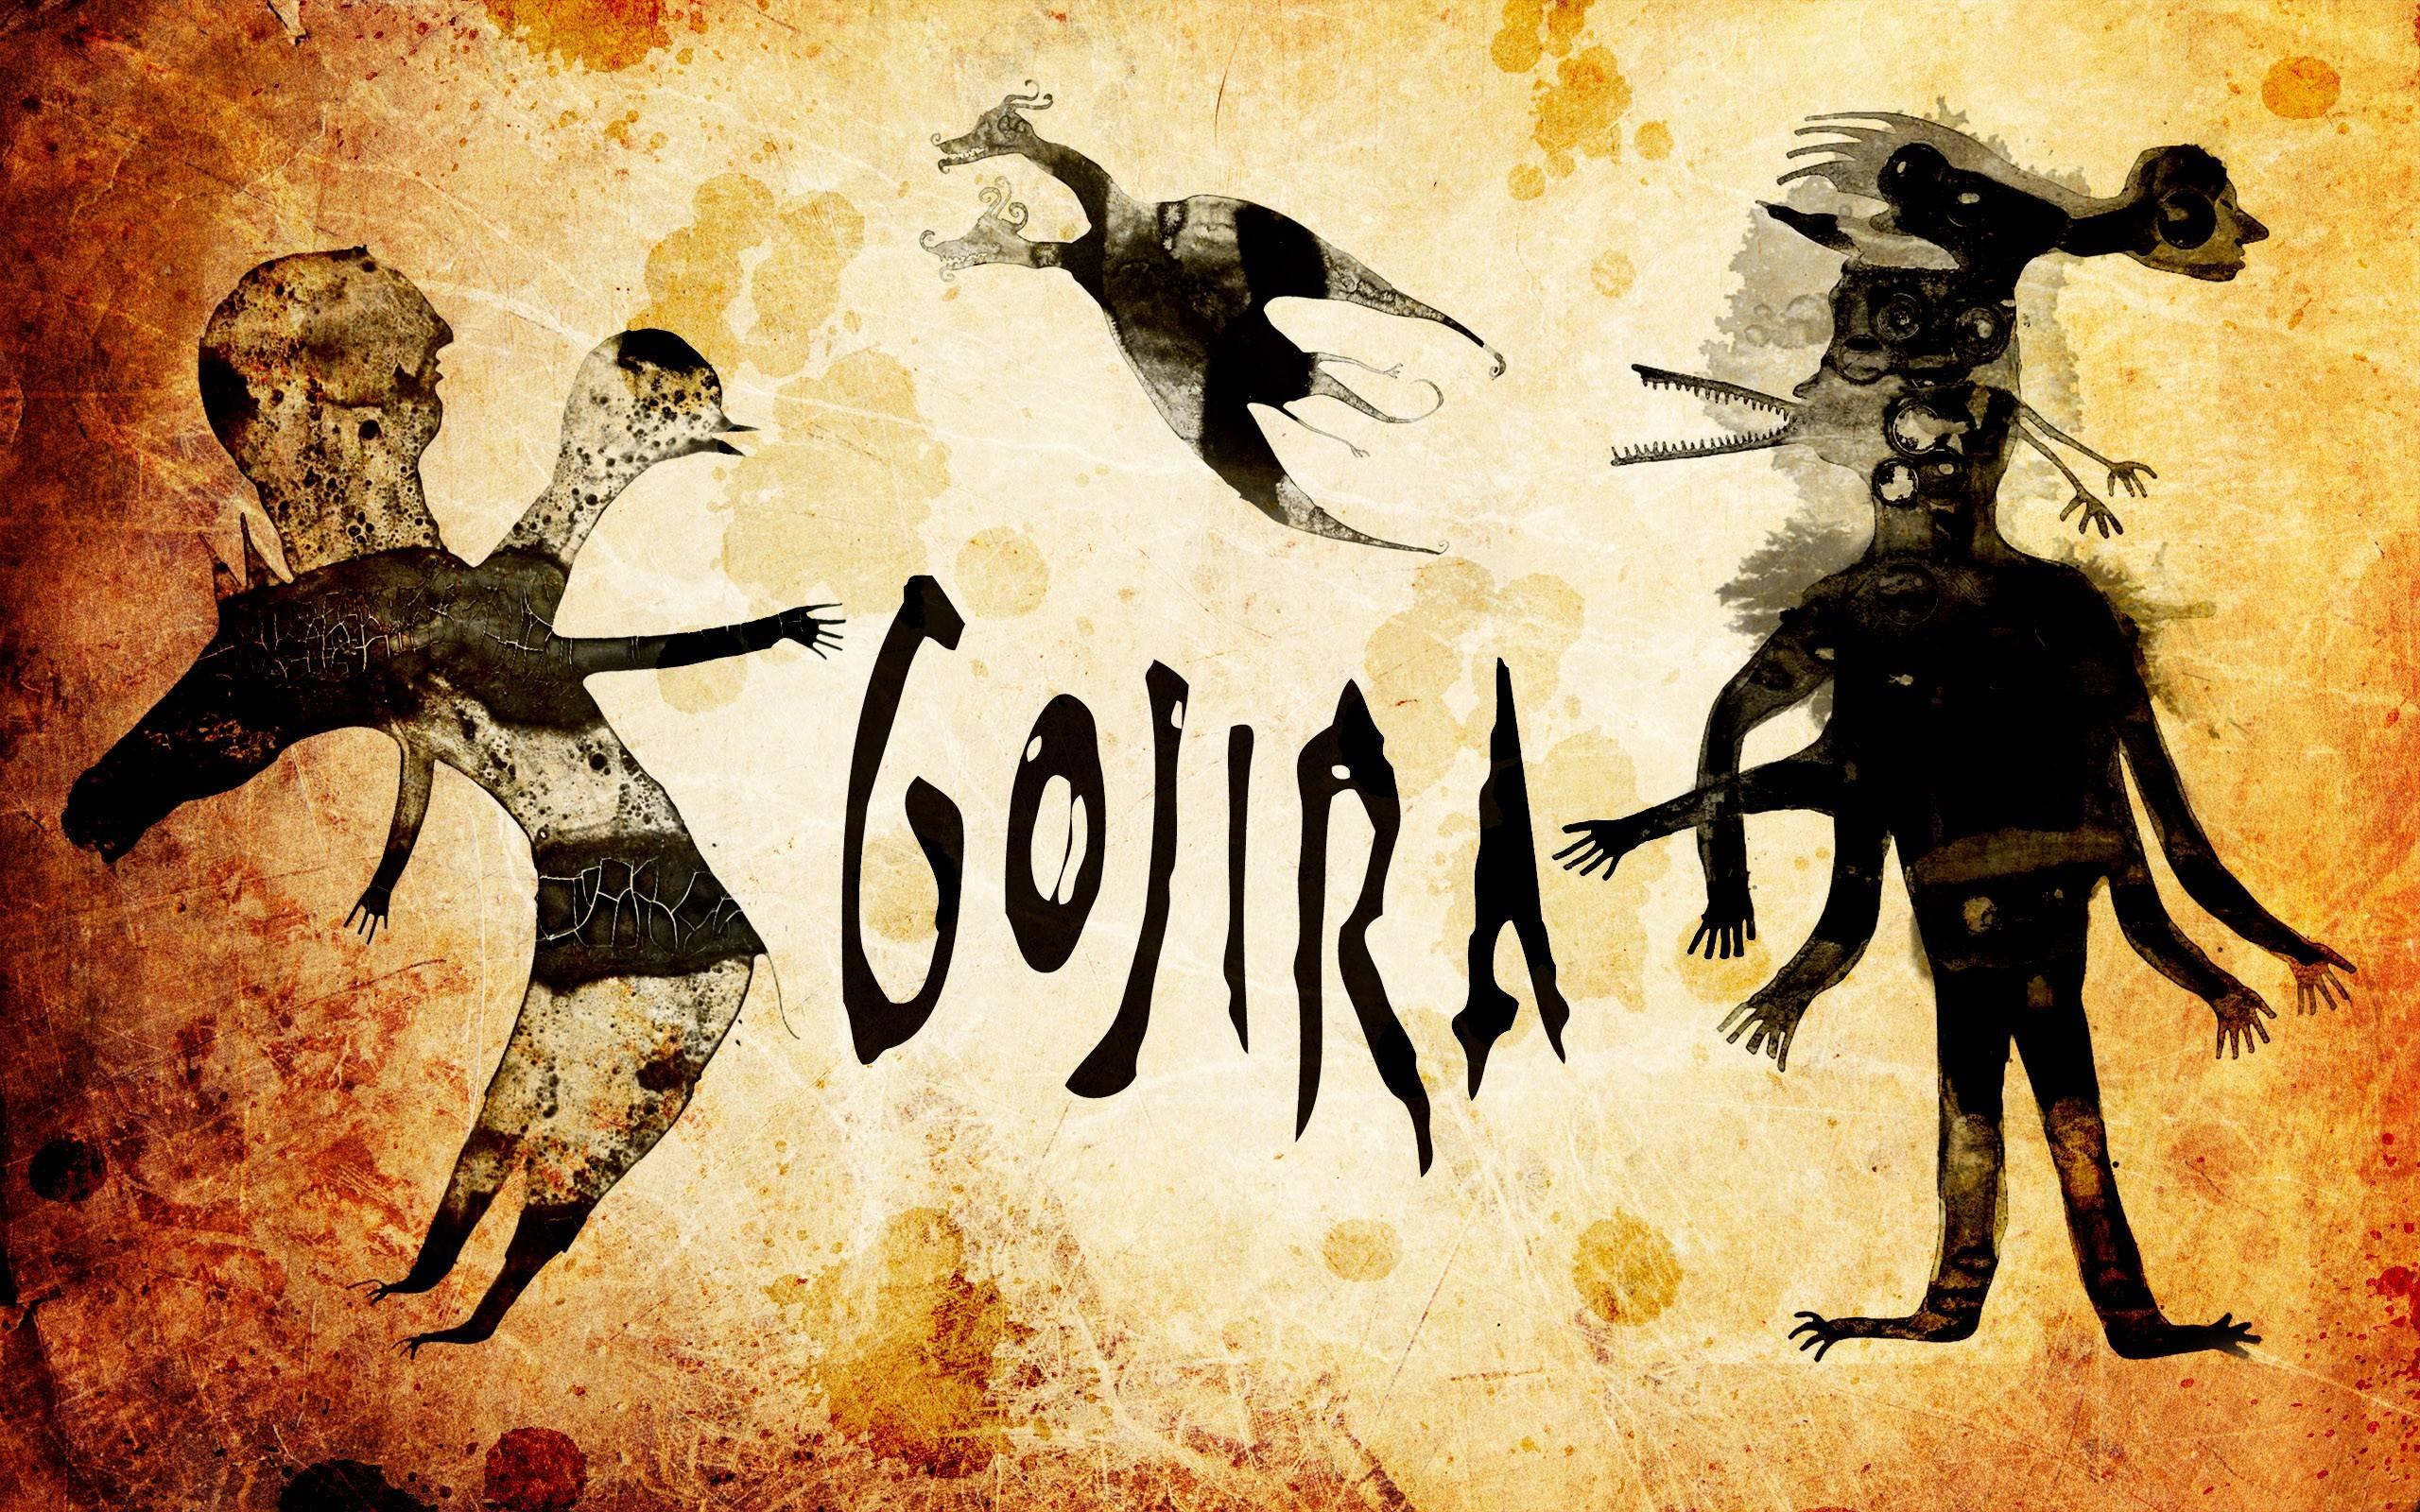 Music Gojira 25601600 Wallpaper 1718883 2560x1600